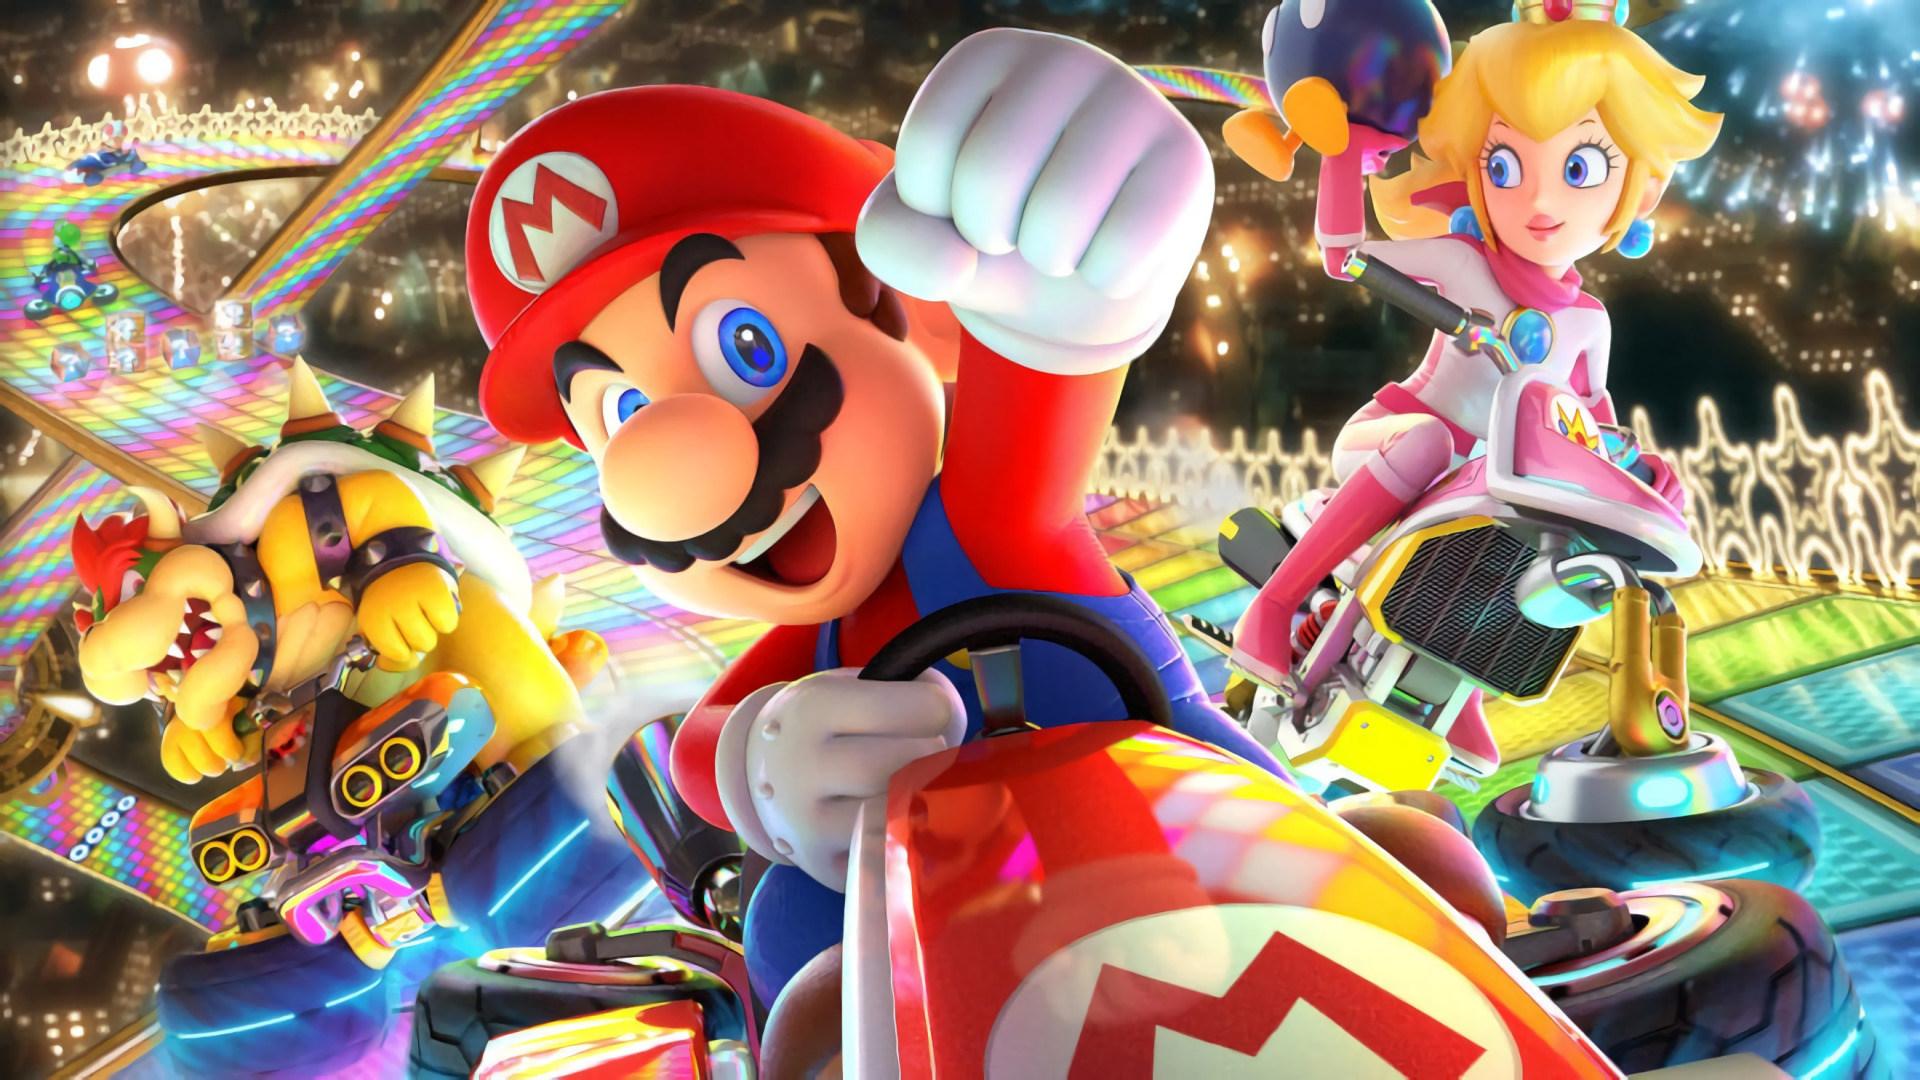 Gaming, Spiele, Nintendo, Game, Mario Kart